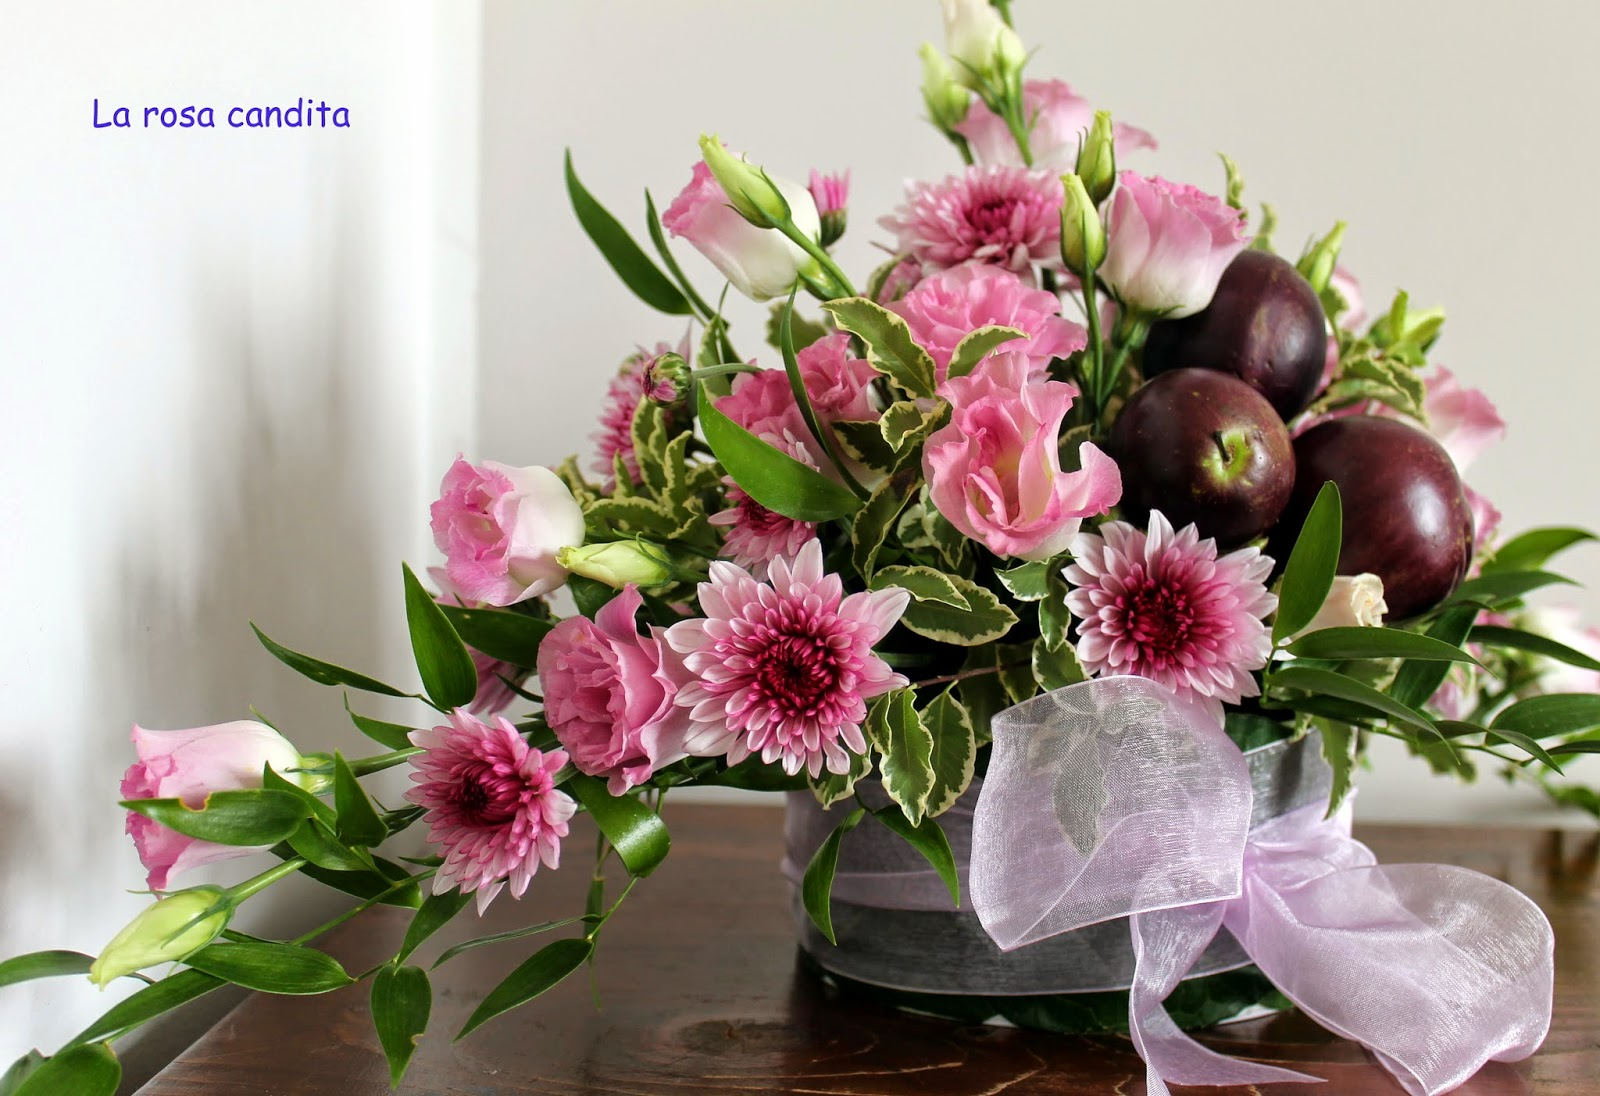 Famoso La rosa candita: Il compleanno di Benedetta JM56